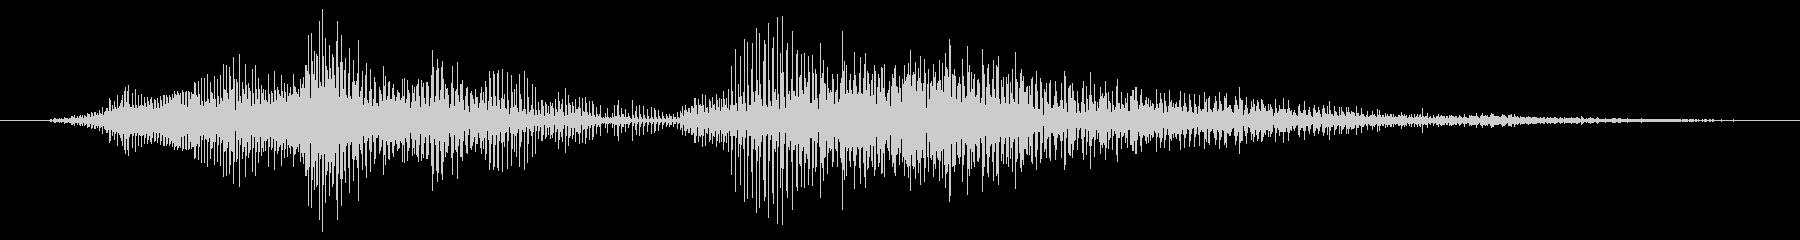 モンスター ダイハイ07の未再生の波形